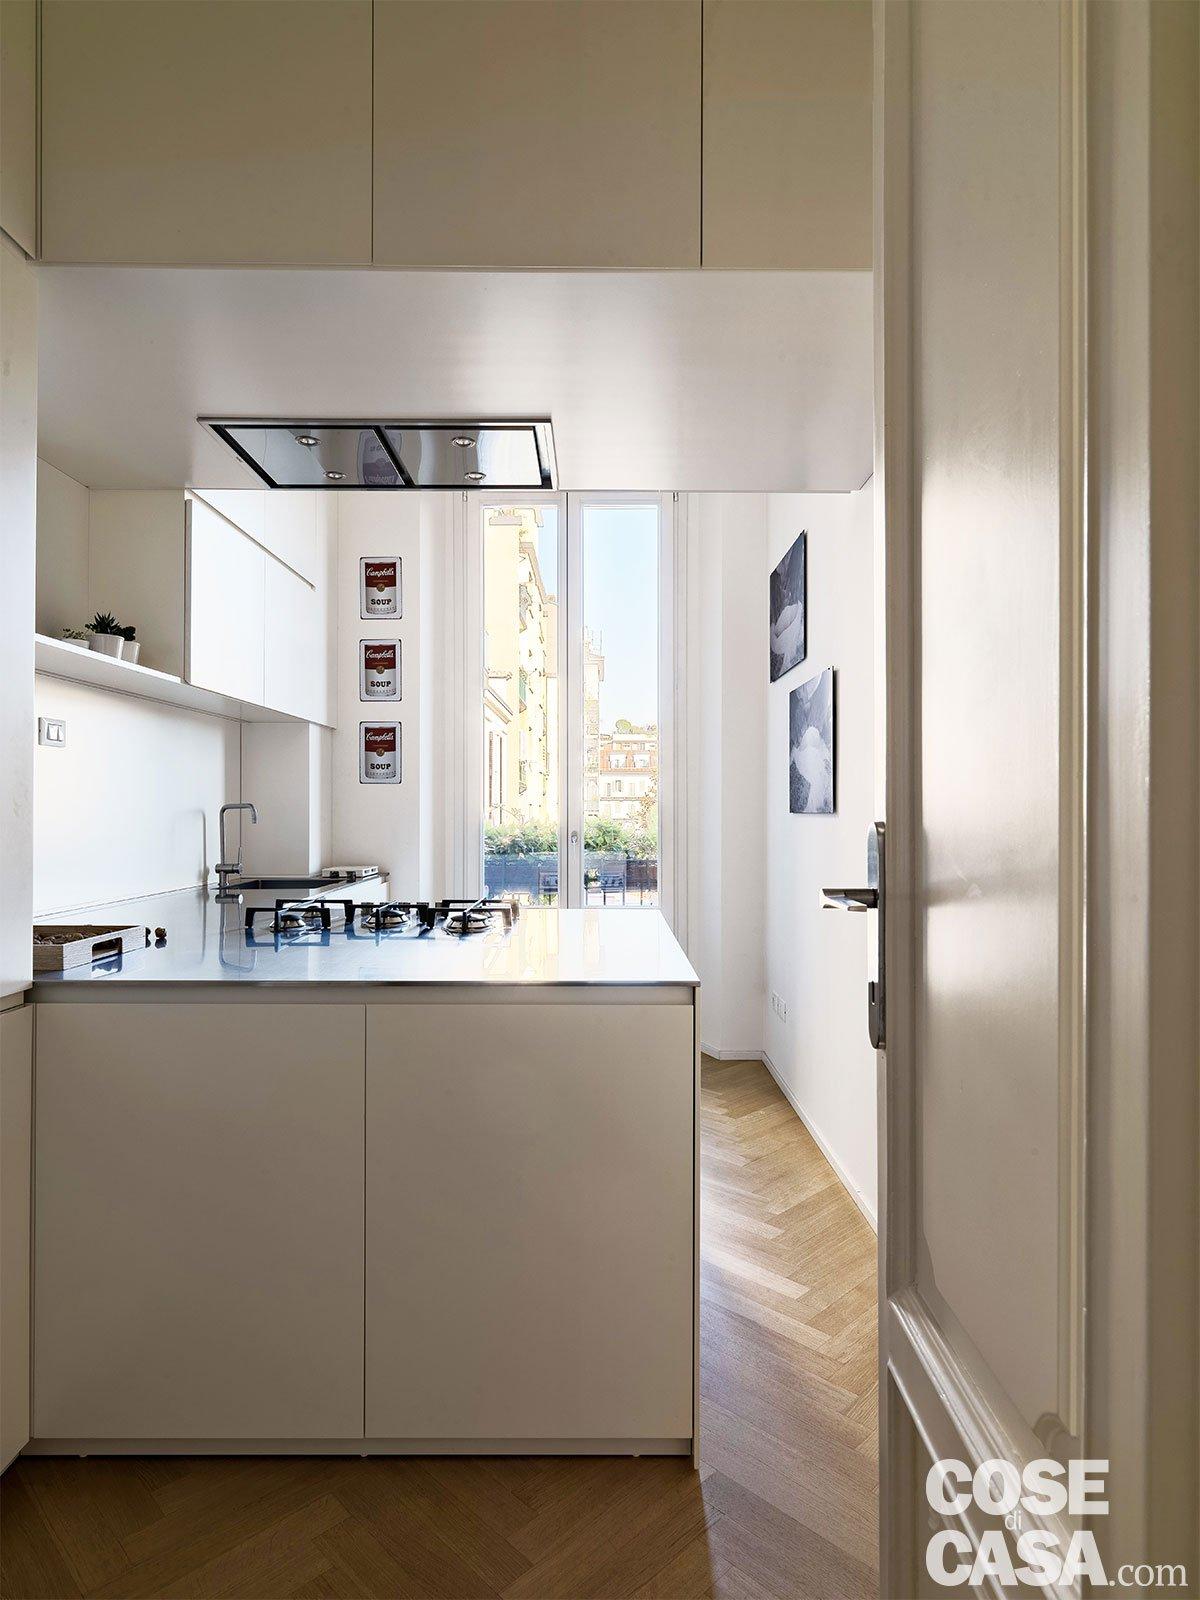 Vetrata cucina soggiorno in linea vista apartments arredare in stile industriale cucina - Vetrate divisorie cucina soggiorno ...